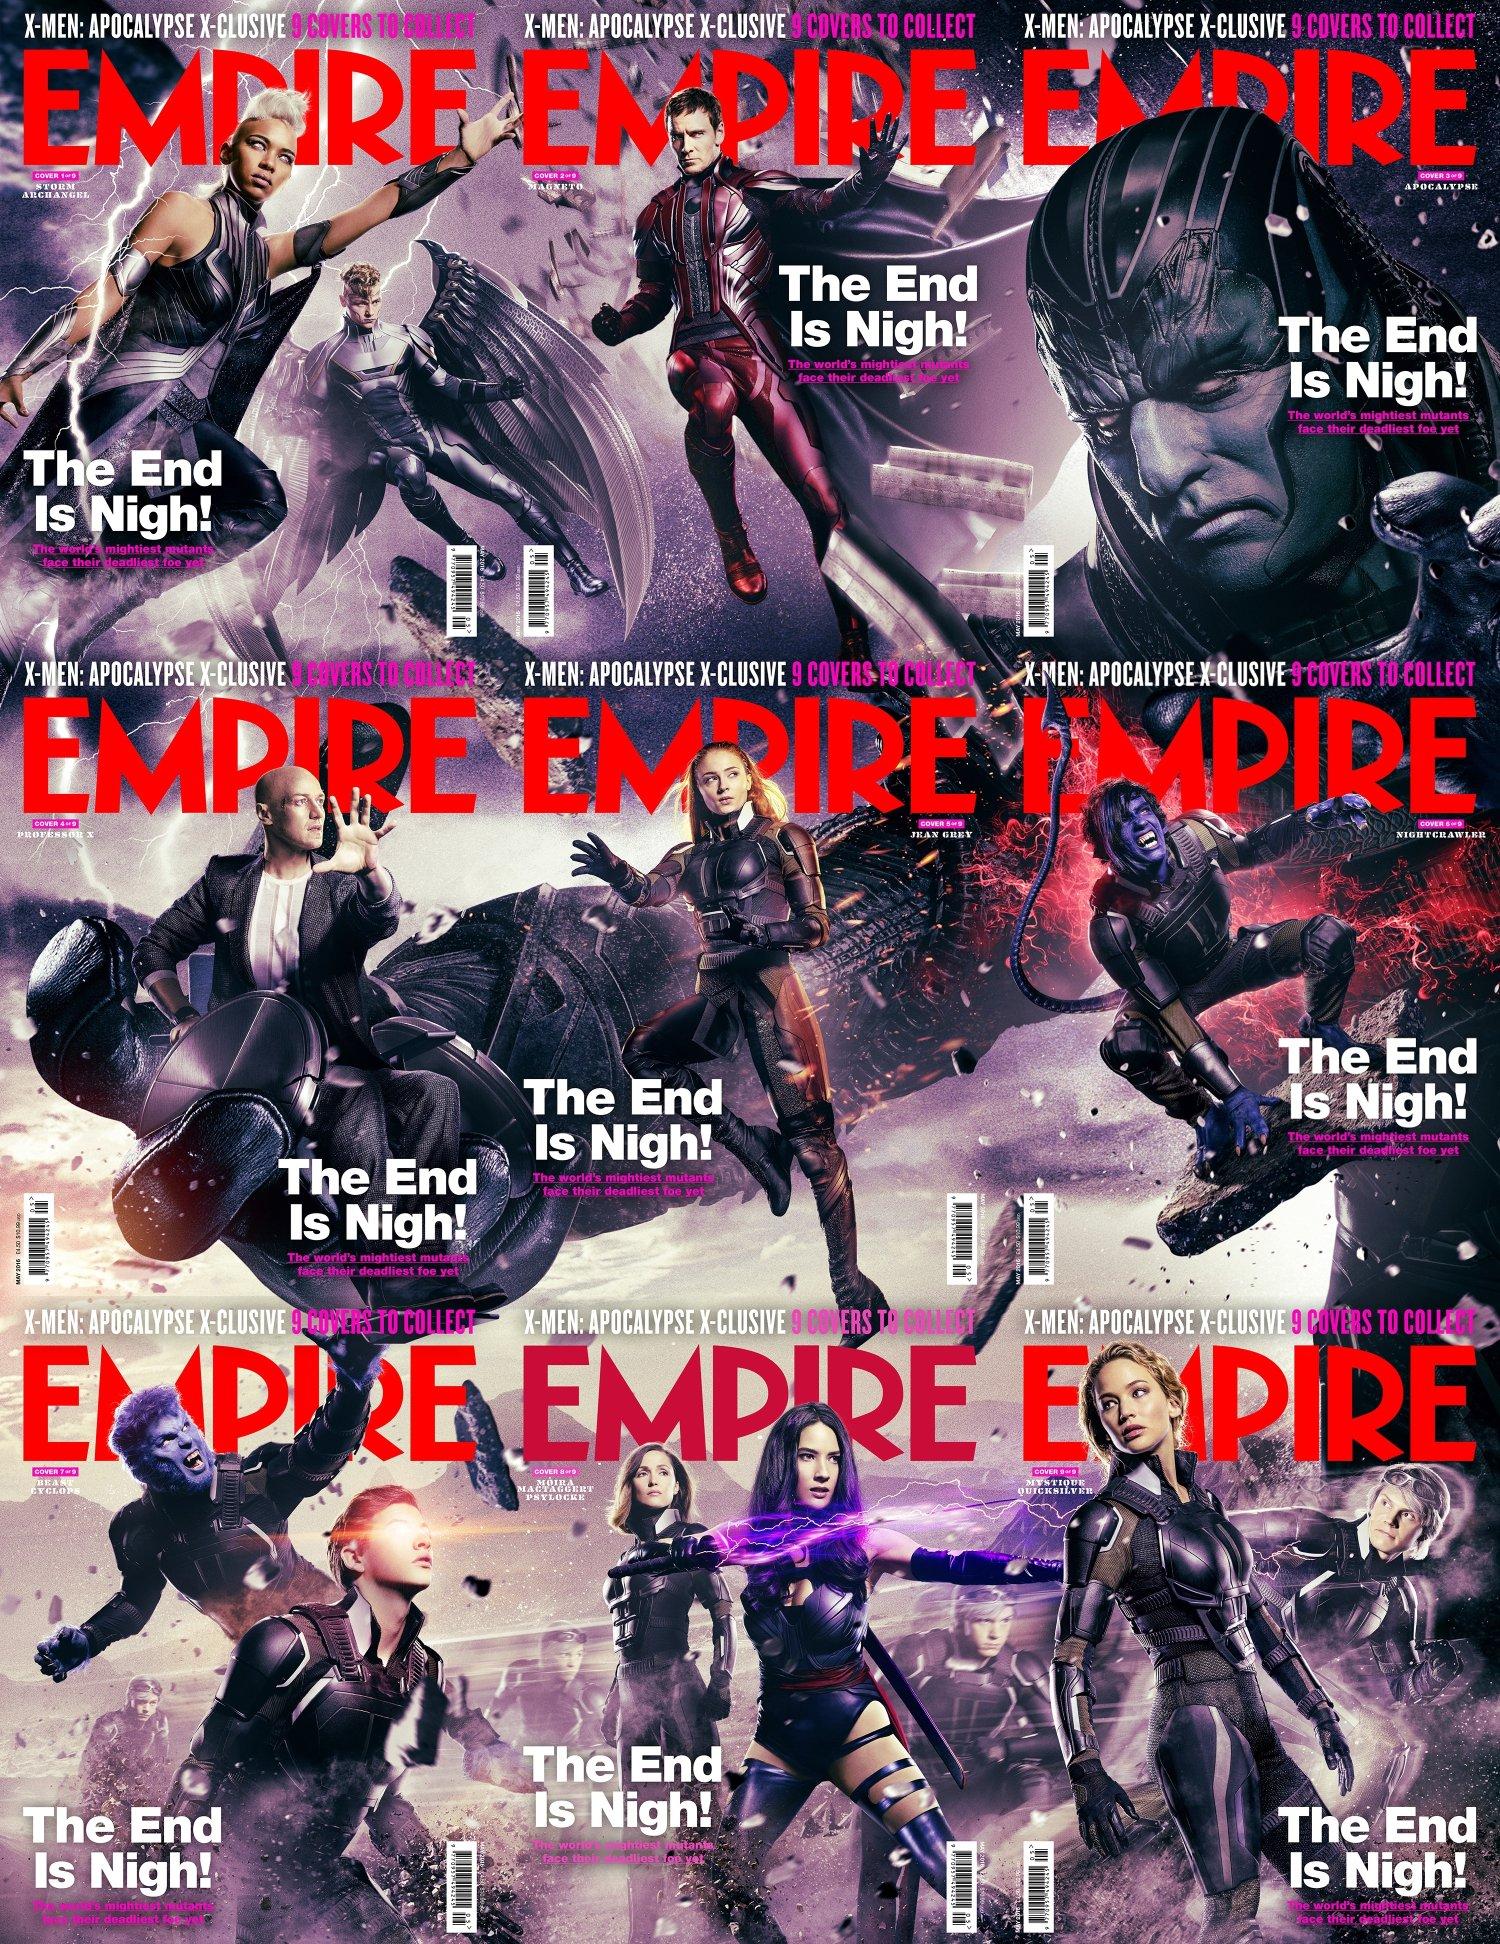 X-Men: Apocalisse - Tutte le copertine del magazine Empire